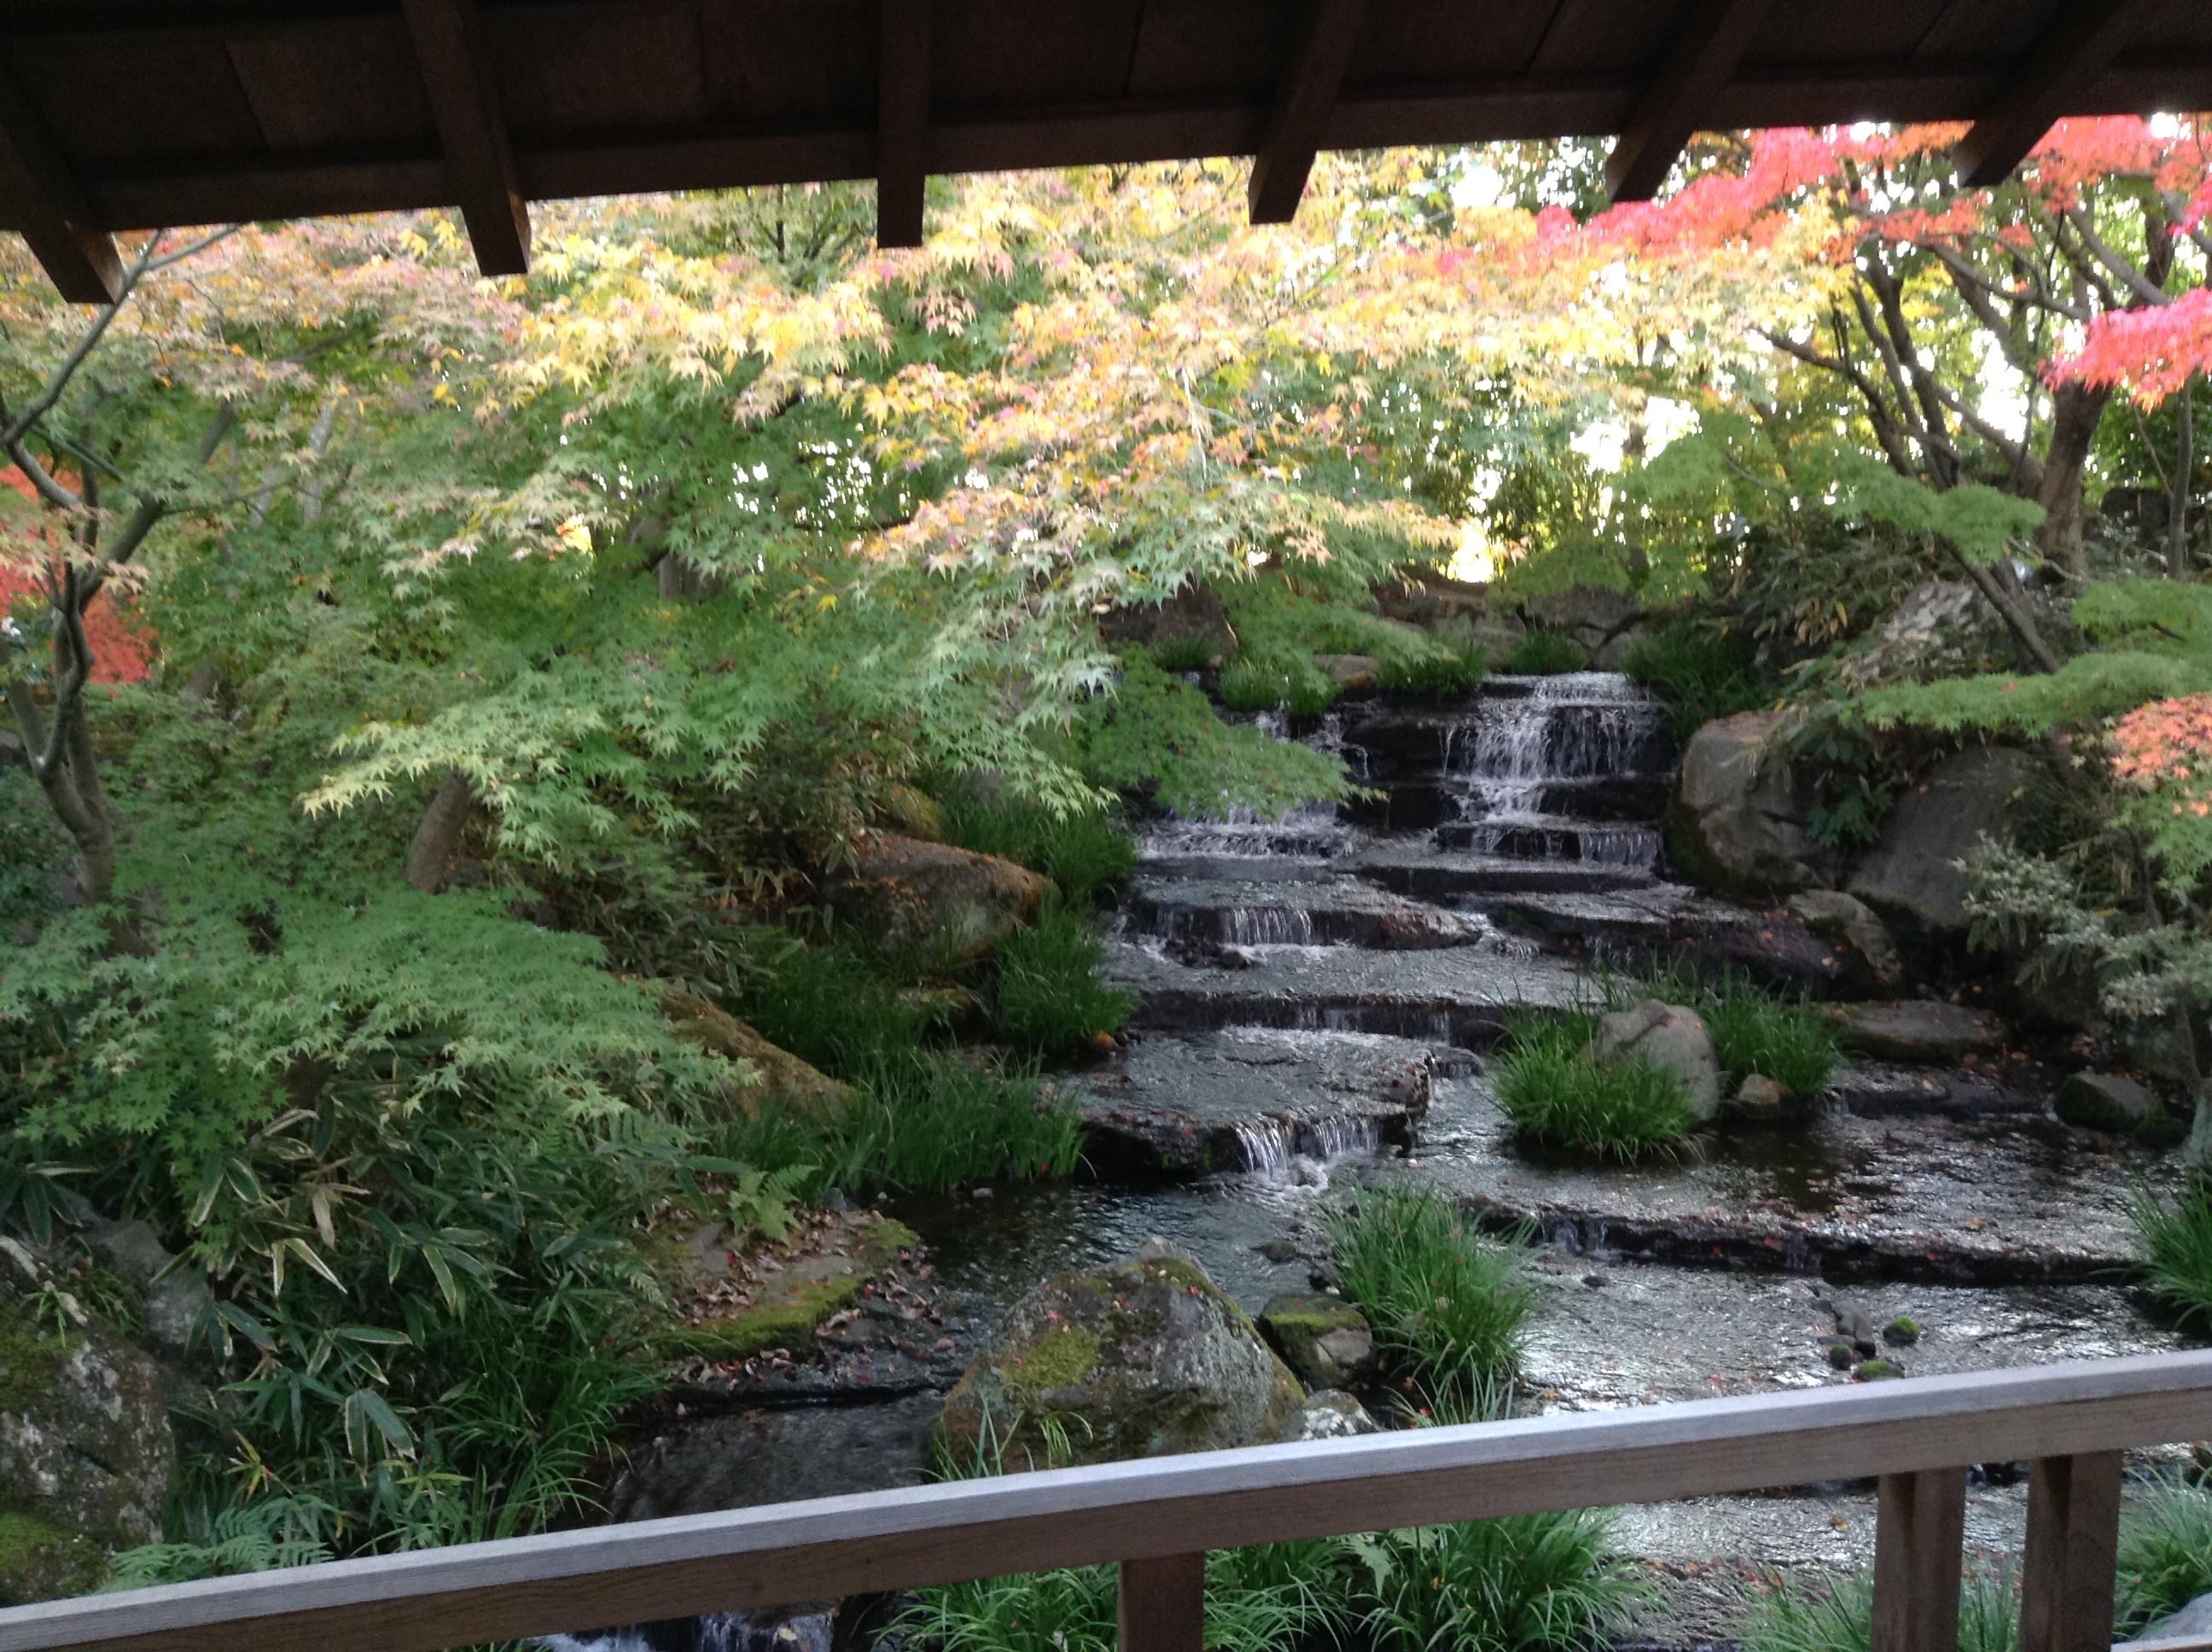 Jardin japonais en pente dans un jardin un parterre a t - Parterre jardin japonais ...